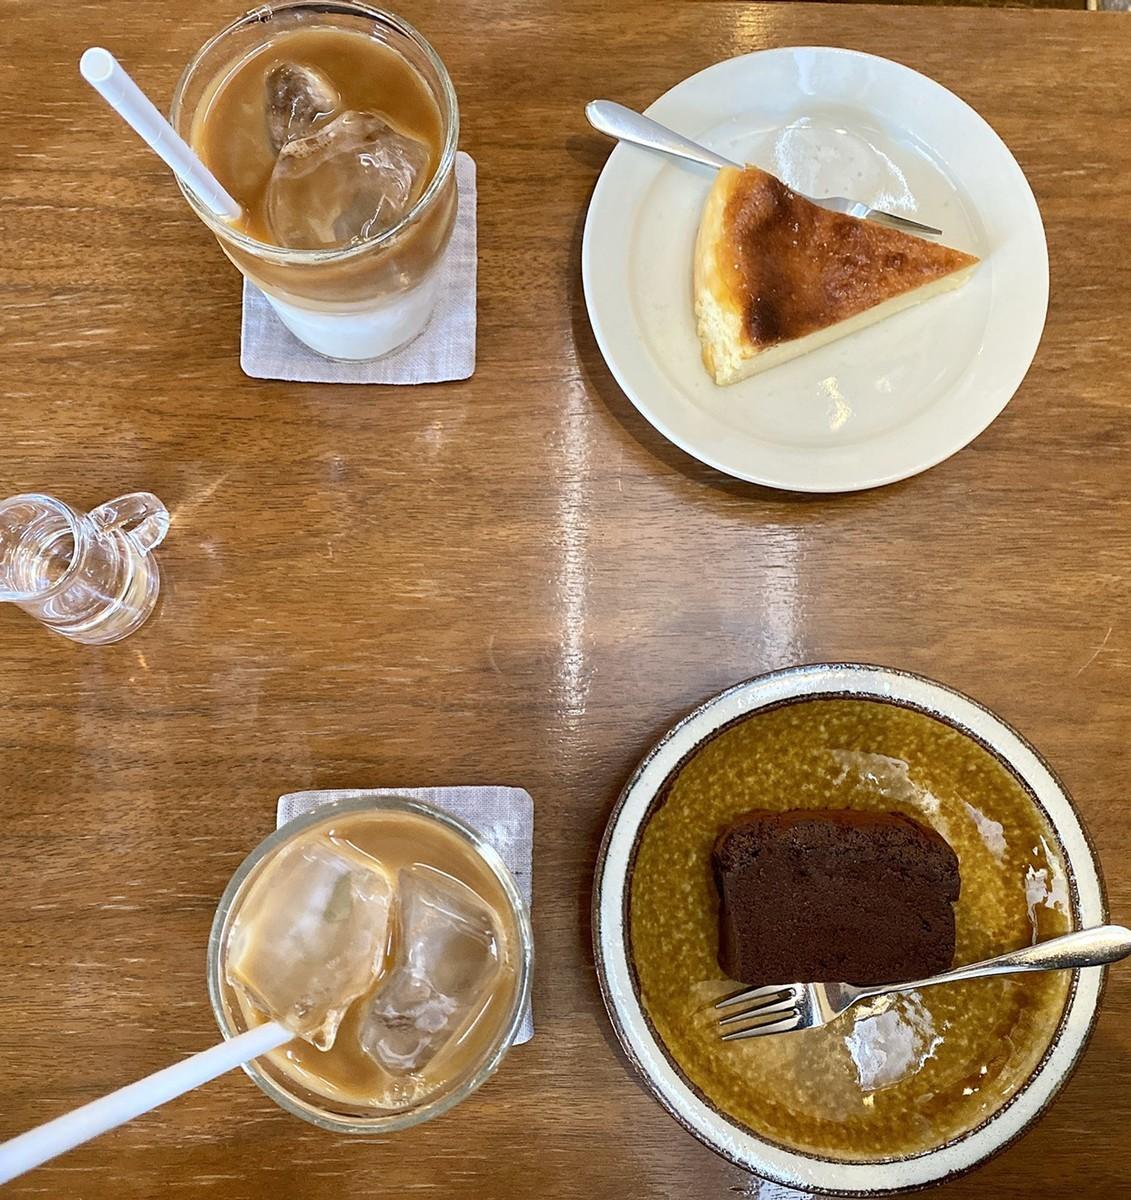 チーズケーキ、ガトーショコラ、アイスカフェラテ